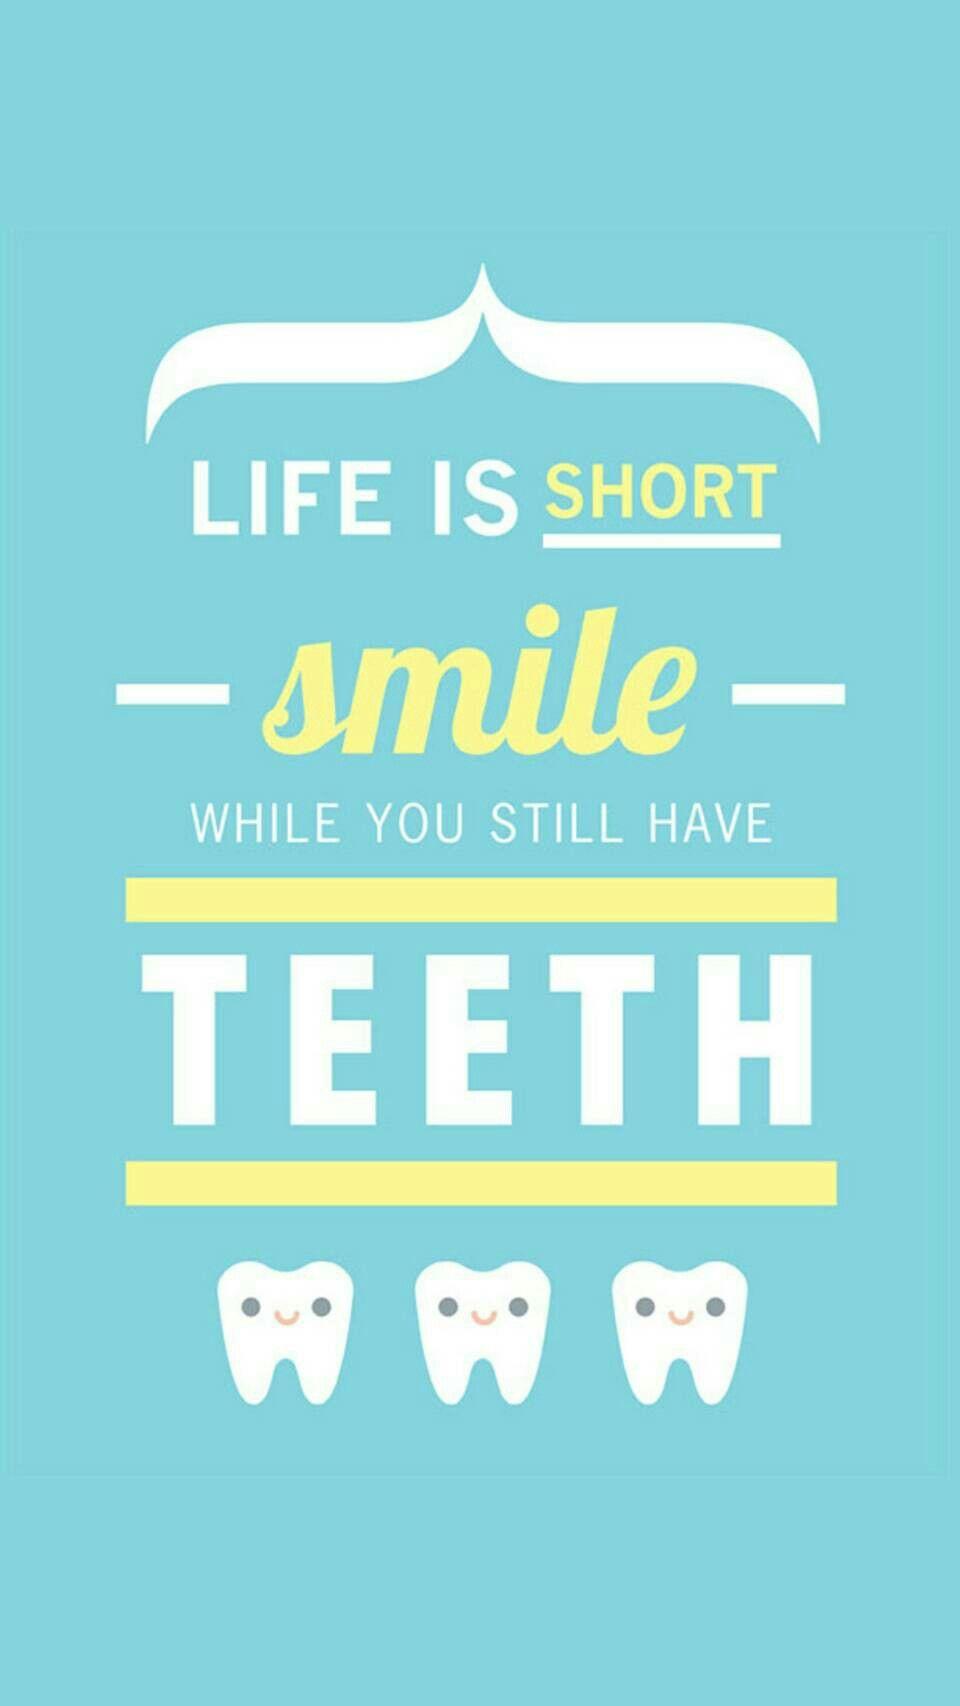 Pin by Alisha :) on Wallpapers   Dental quotes, Dental fun ...